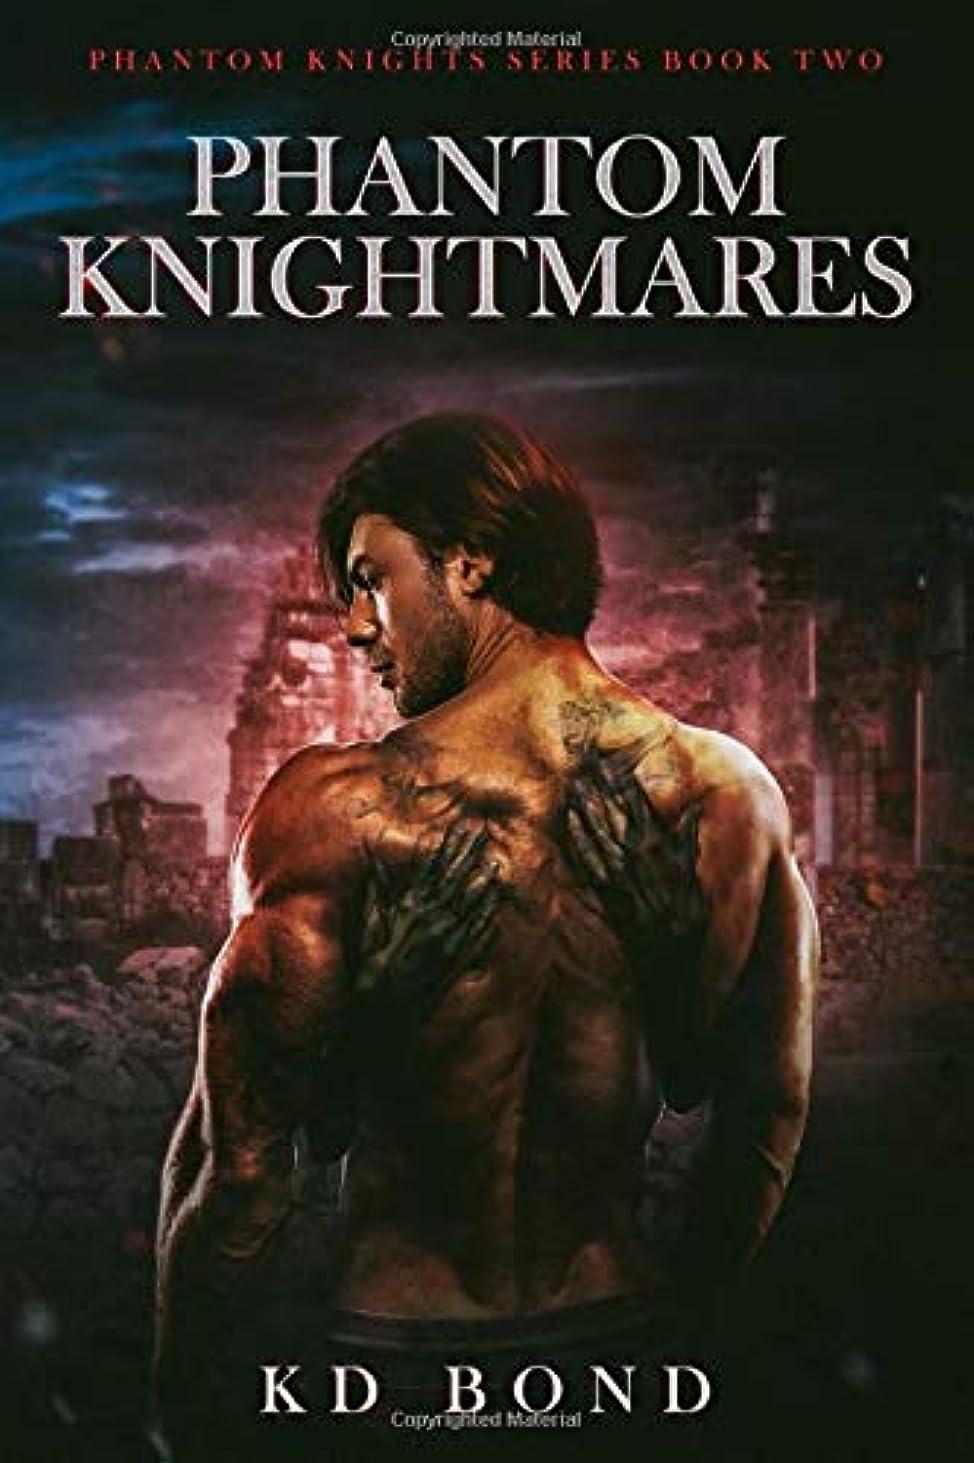 破産気づく正当化するPhantom Knights Series: Phantom Knightmares